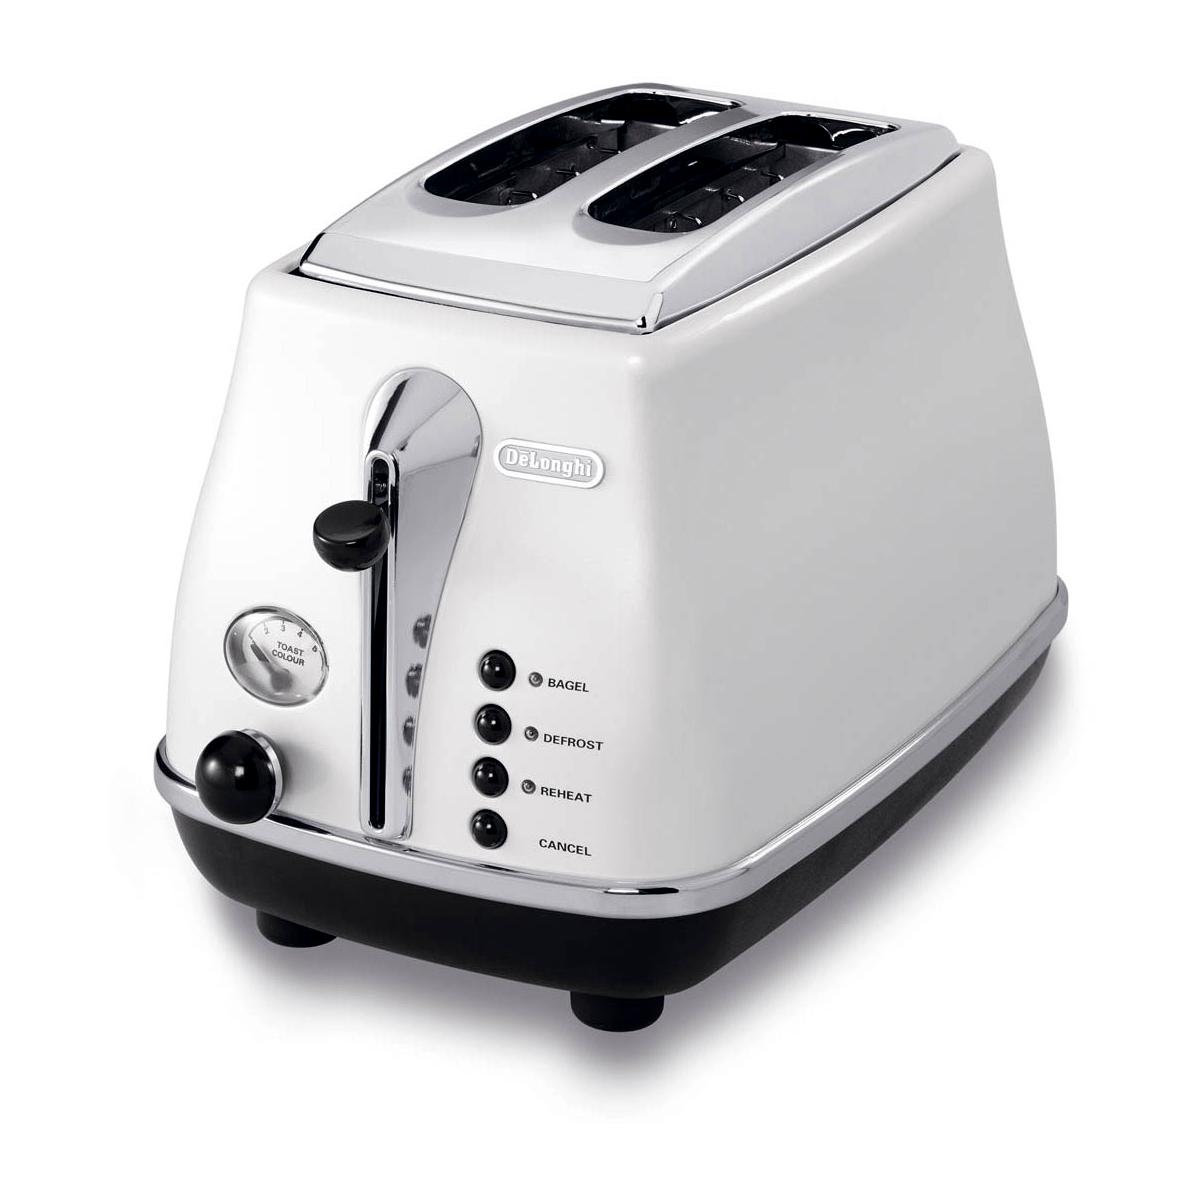 Delonghi Icona White 2-Slice Toaster